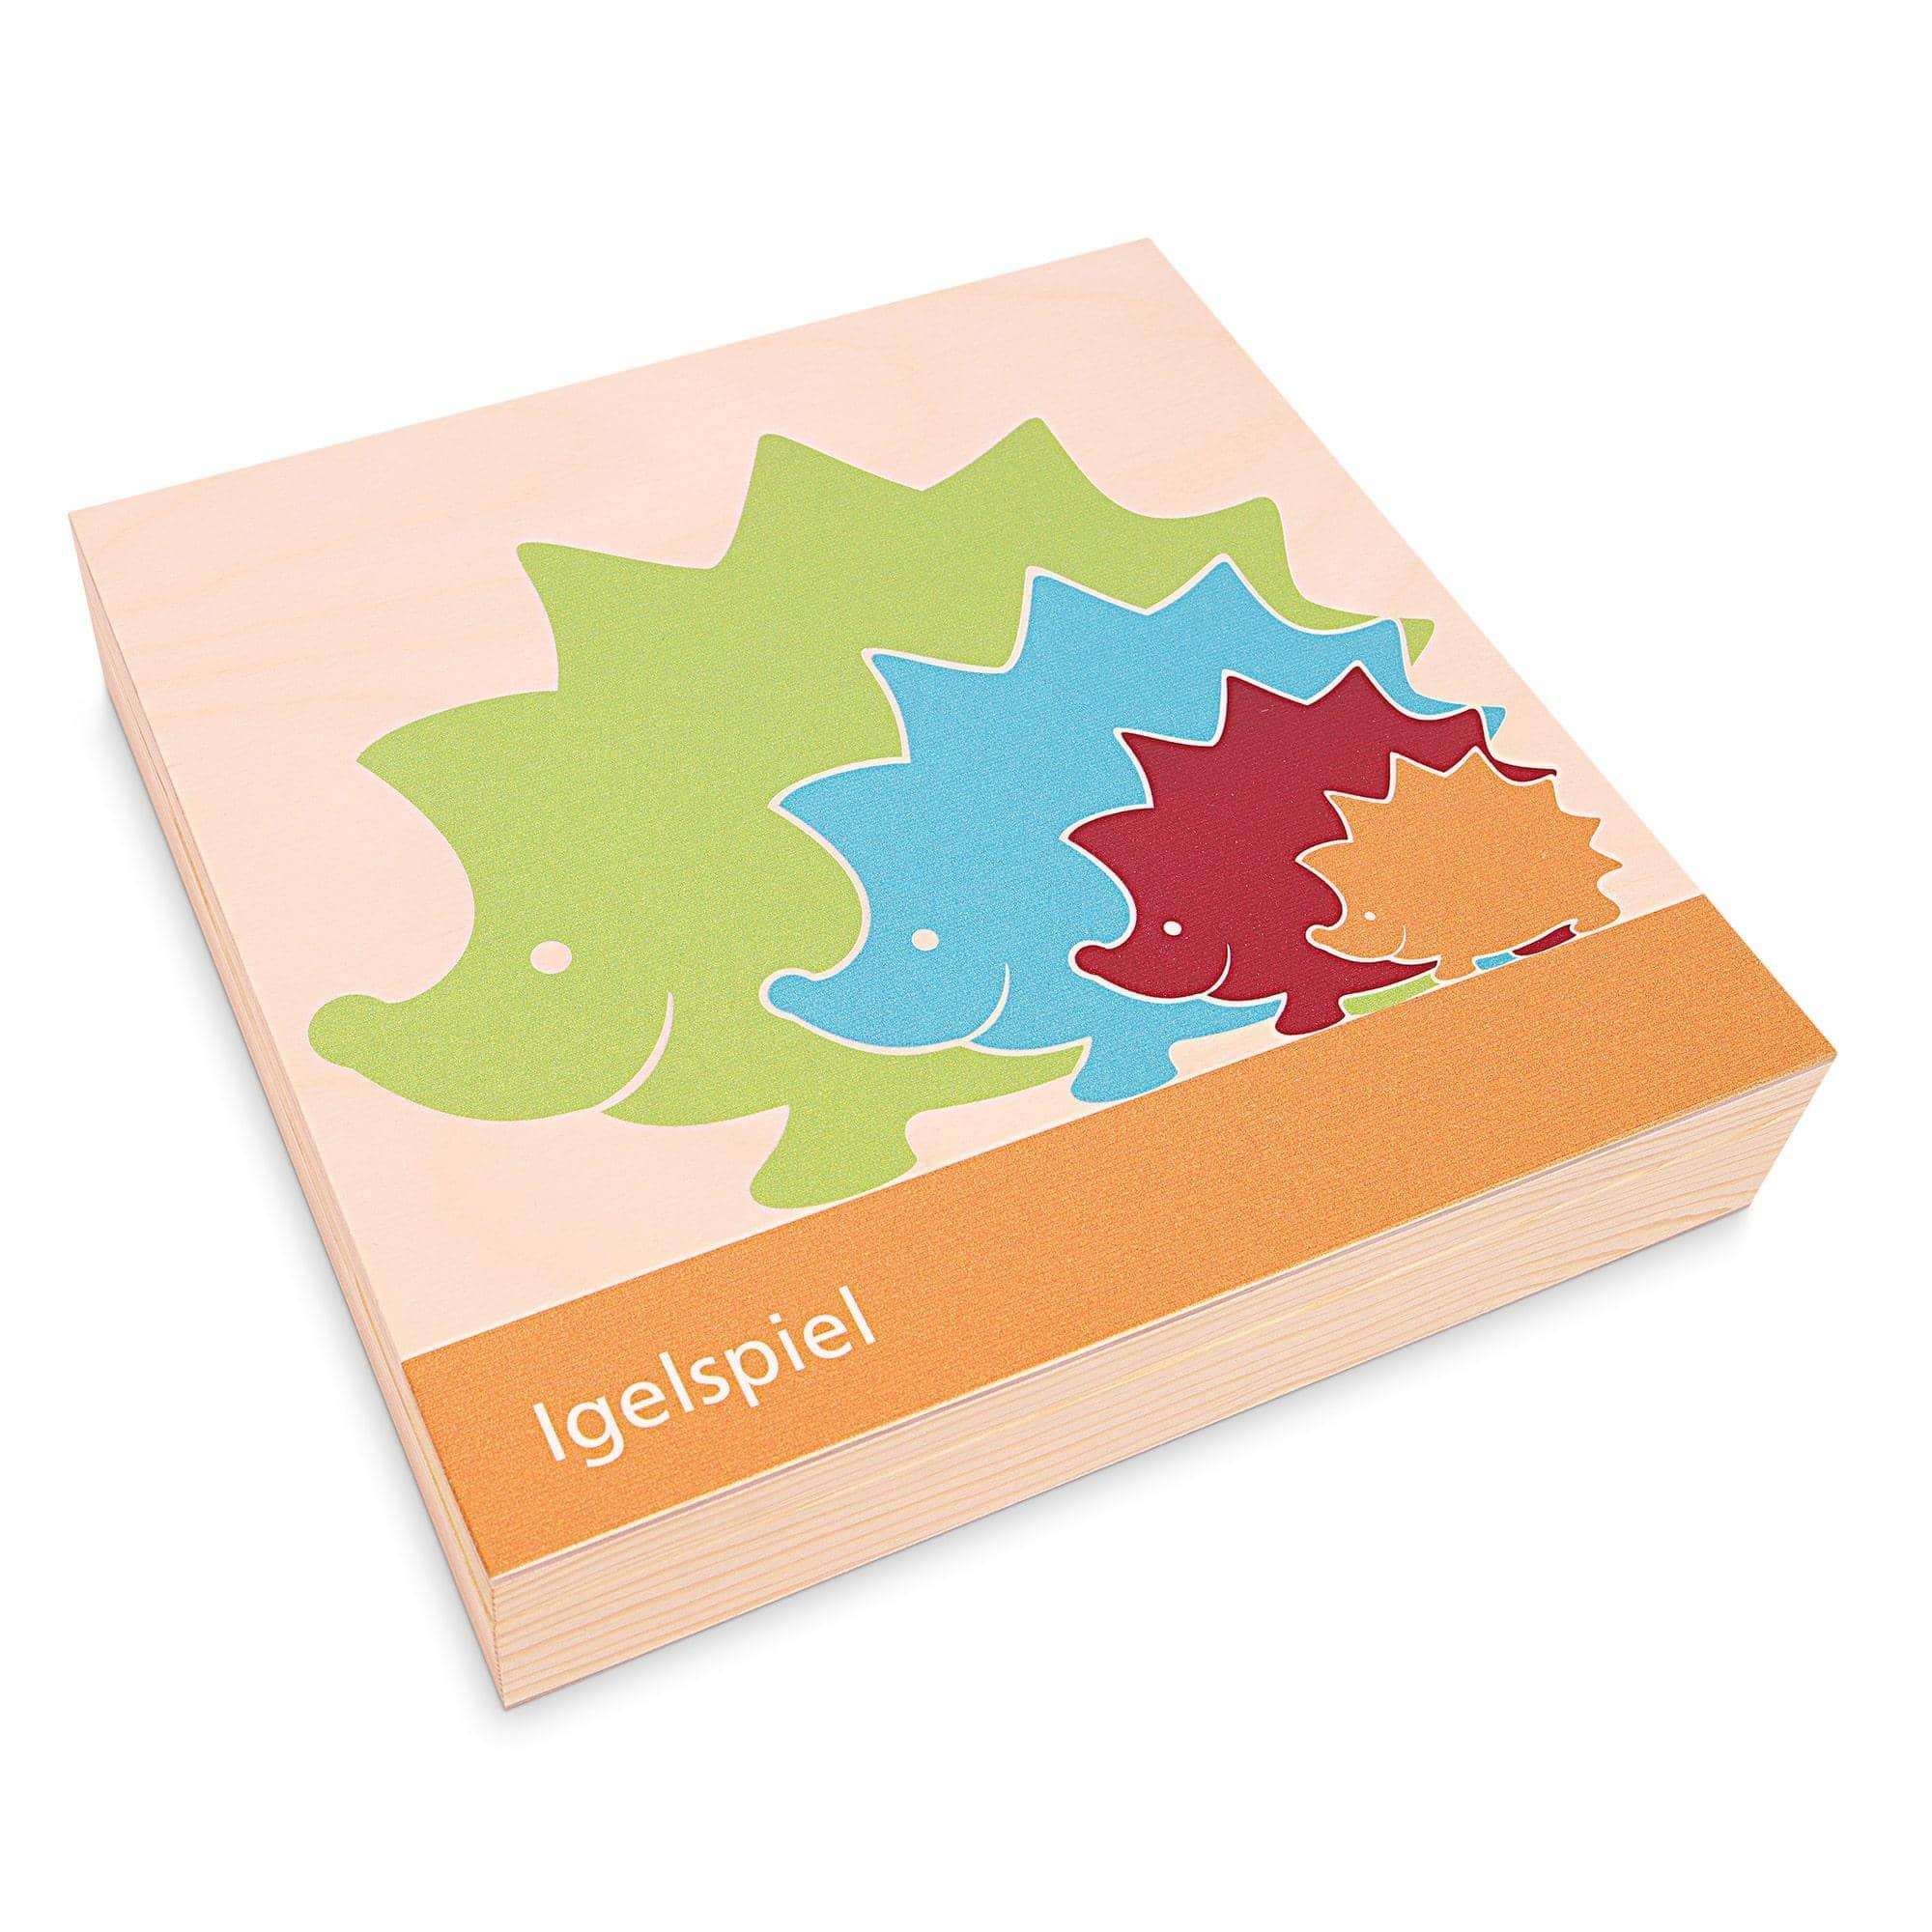 igel puzzle pädagogisches spielzeug zum zahlen lernen und